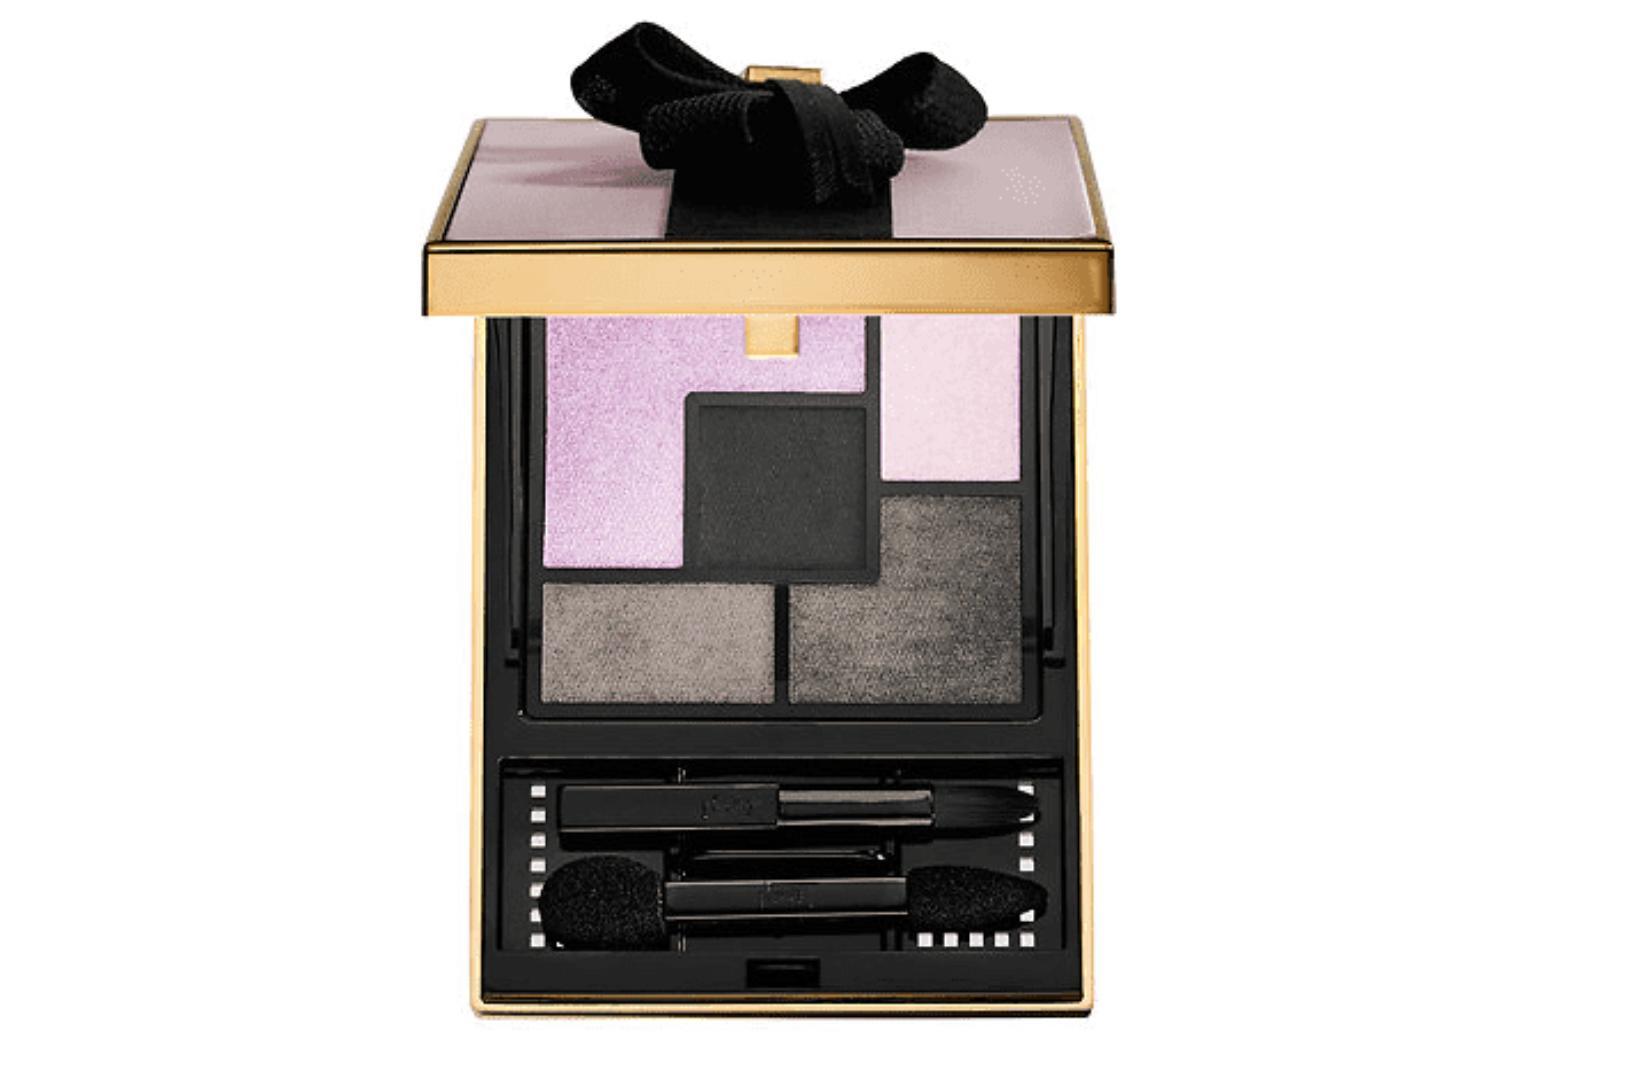 YSL Couture Palette Mon Paris Edition